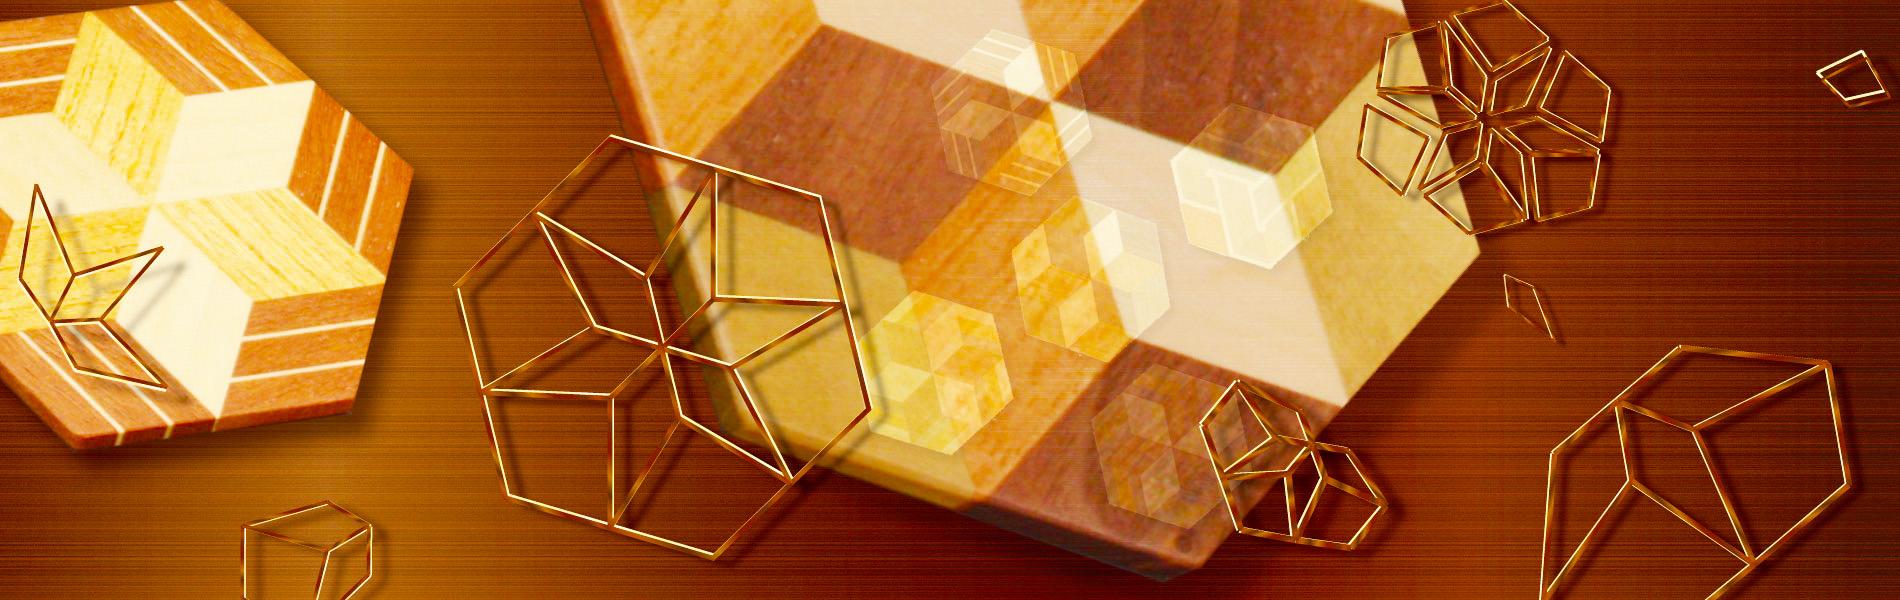 箱根寄木細工 本間木工所/本間寄木美術館 寄木細工体験教室